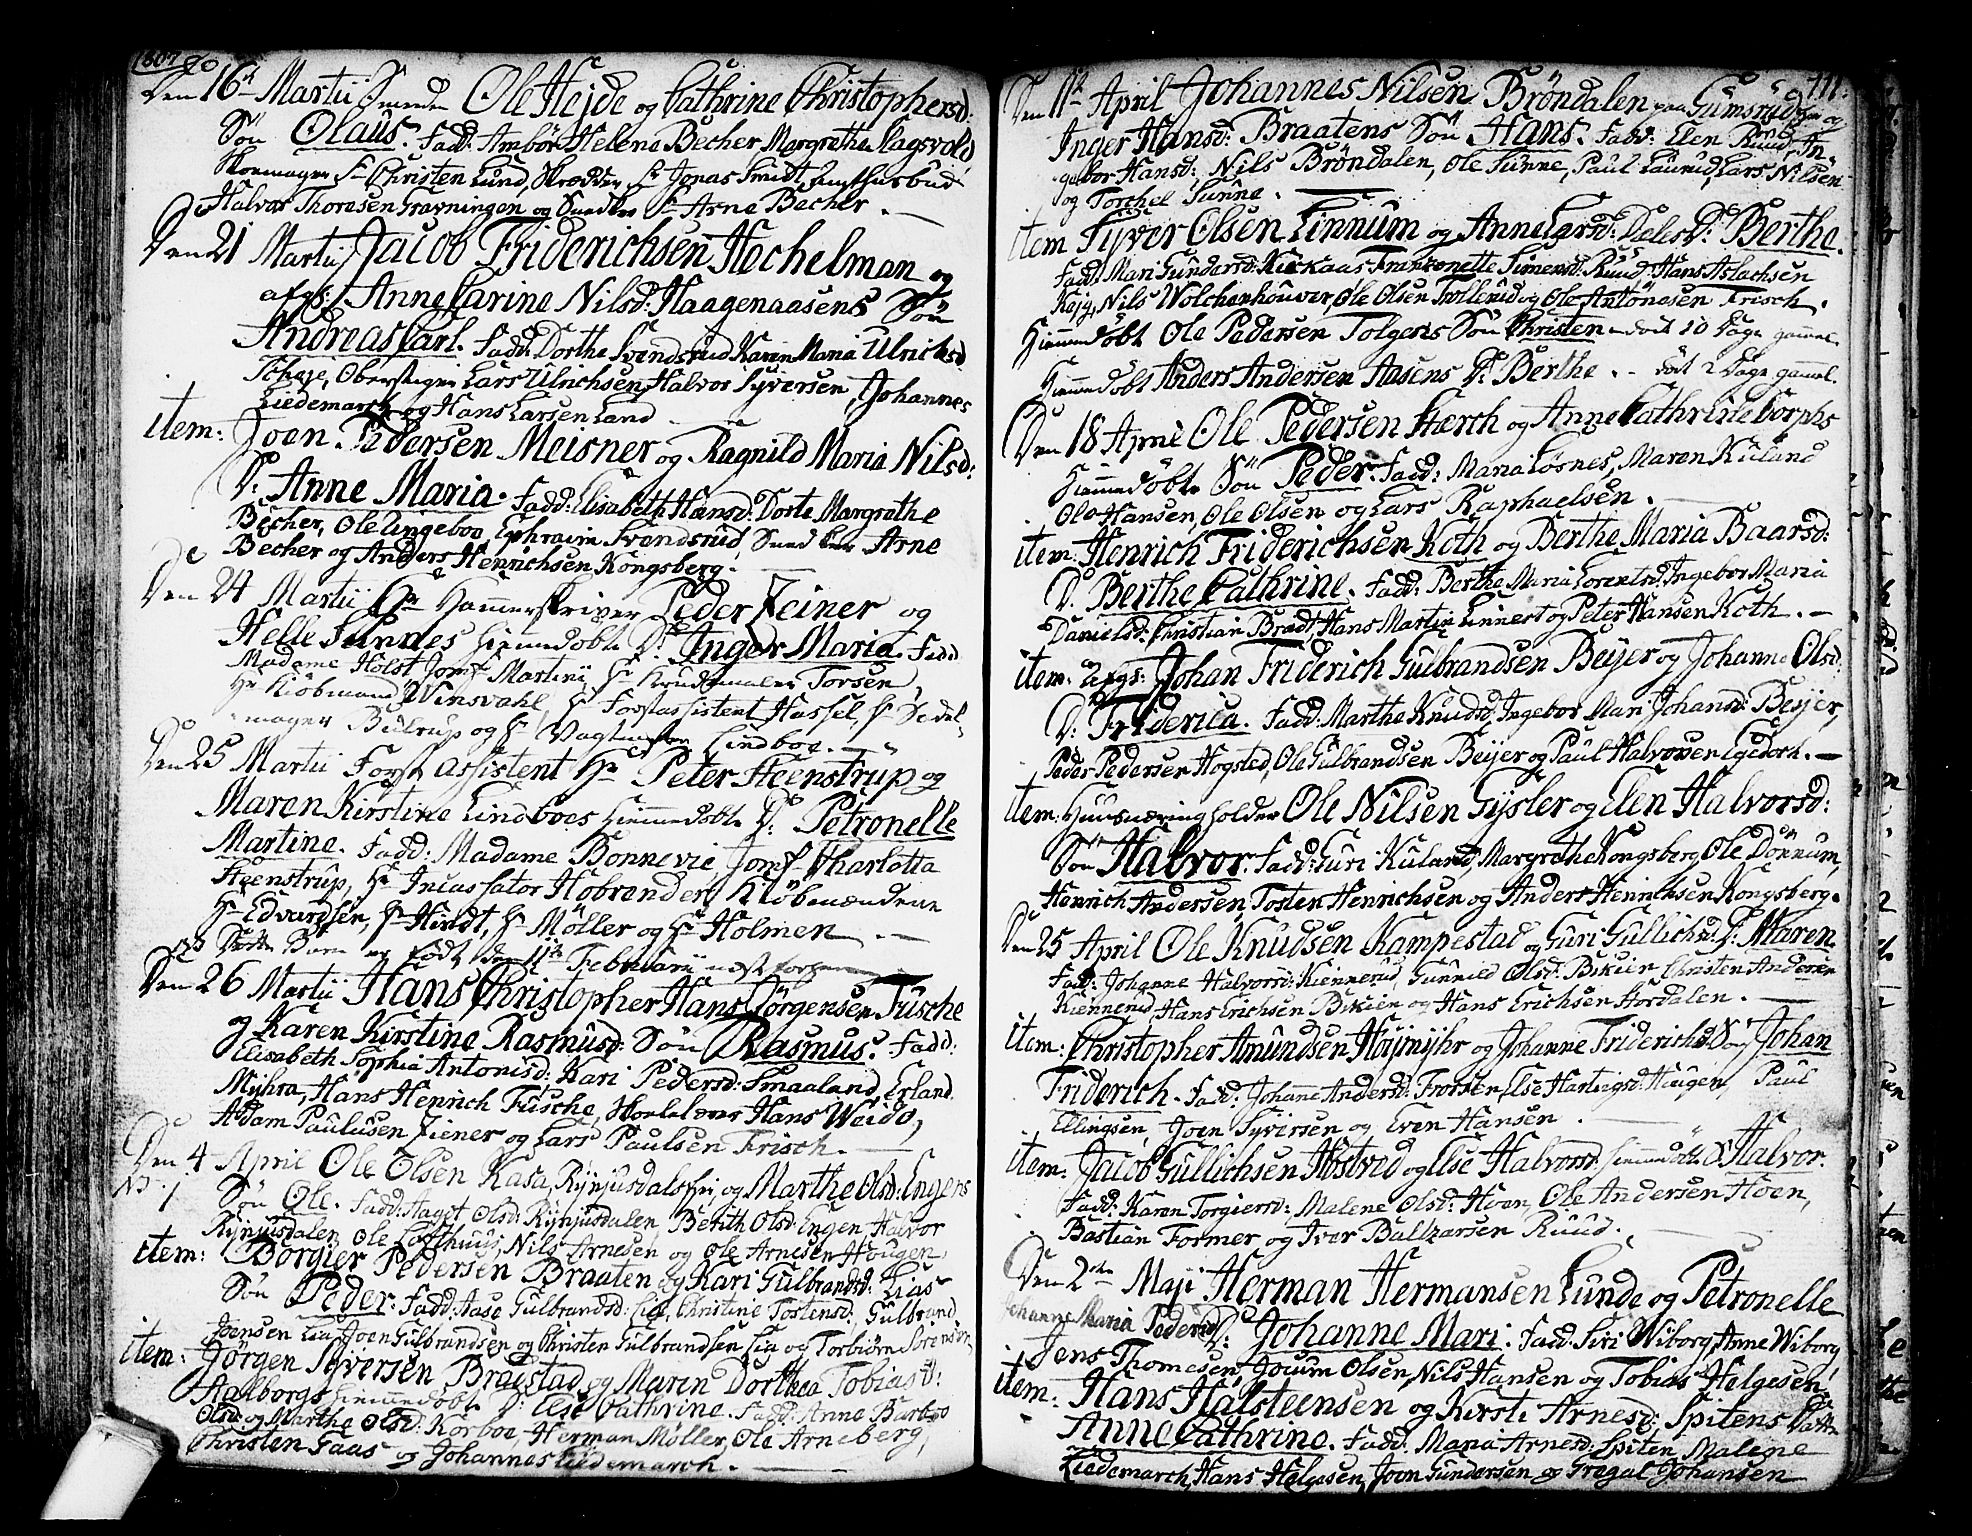 SAKO, Kongsberg kirkebøker, F/Fa/L0007: Ministerialbok nr. I 7, 1795-1816, s. 111